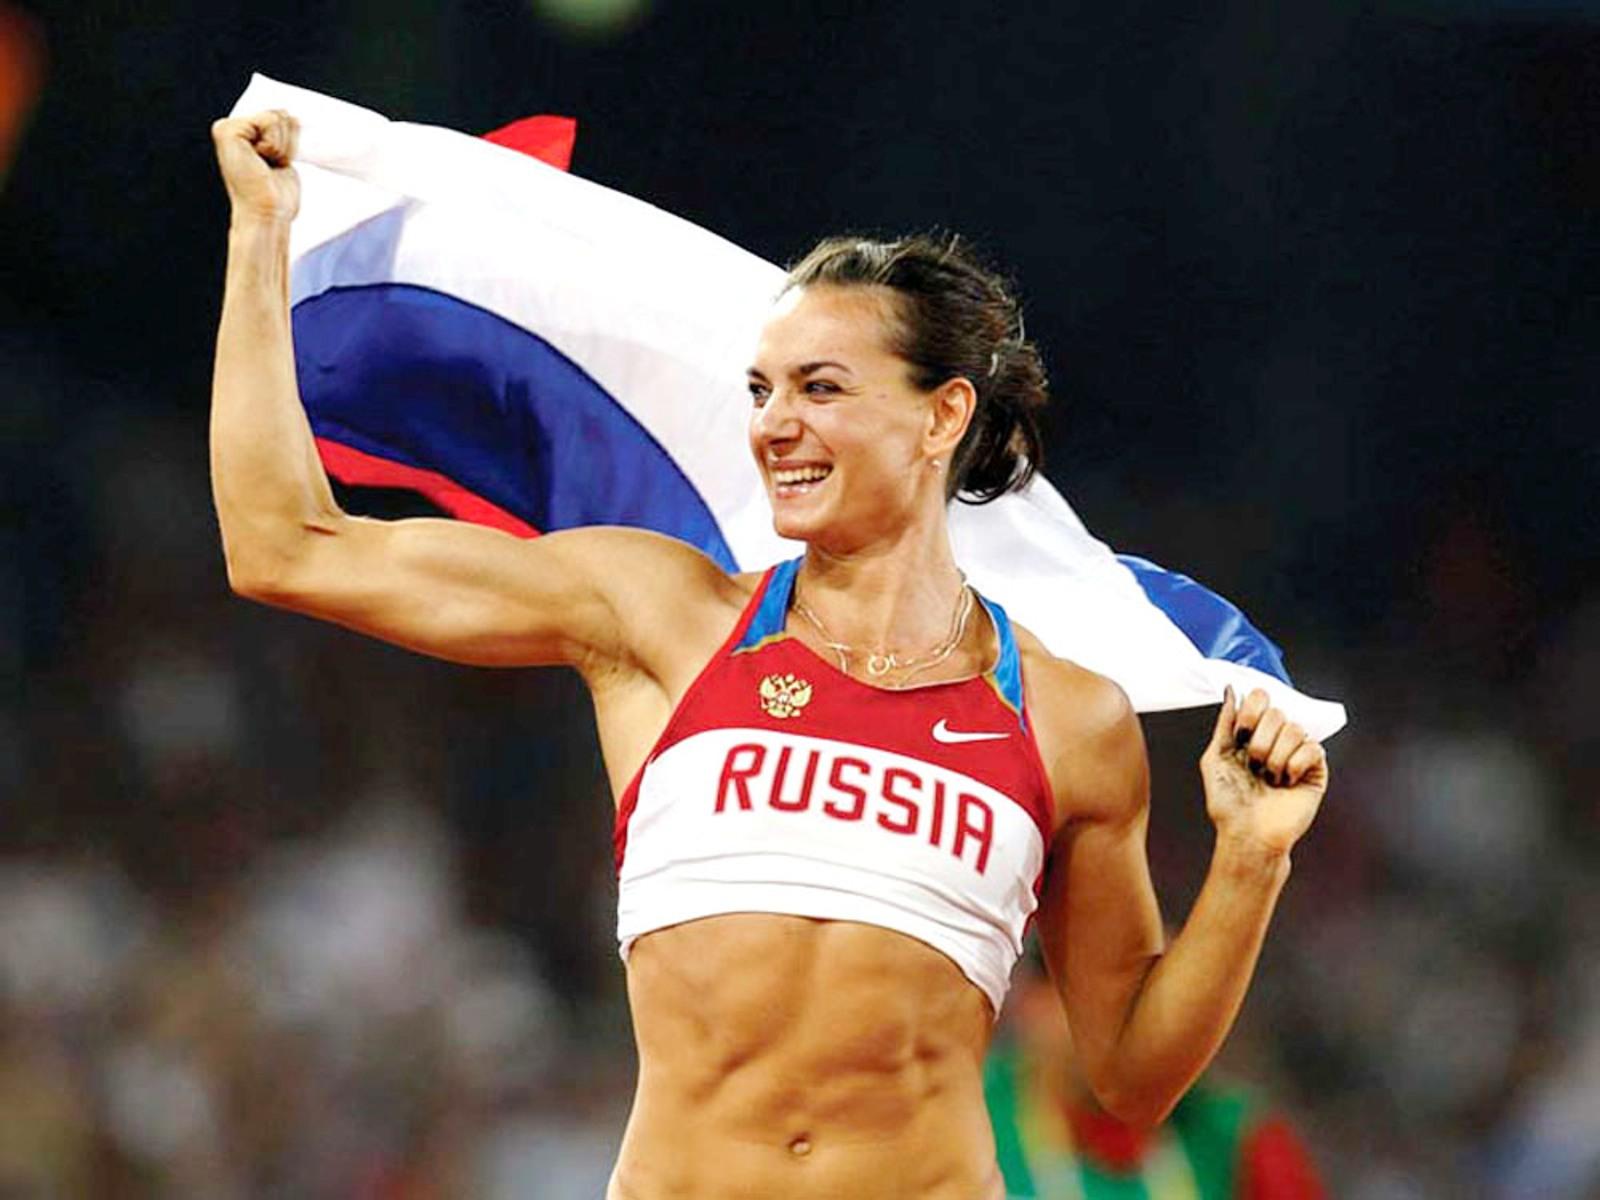 Фотки российских спортсменок 16 фотография